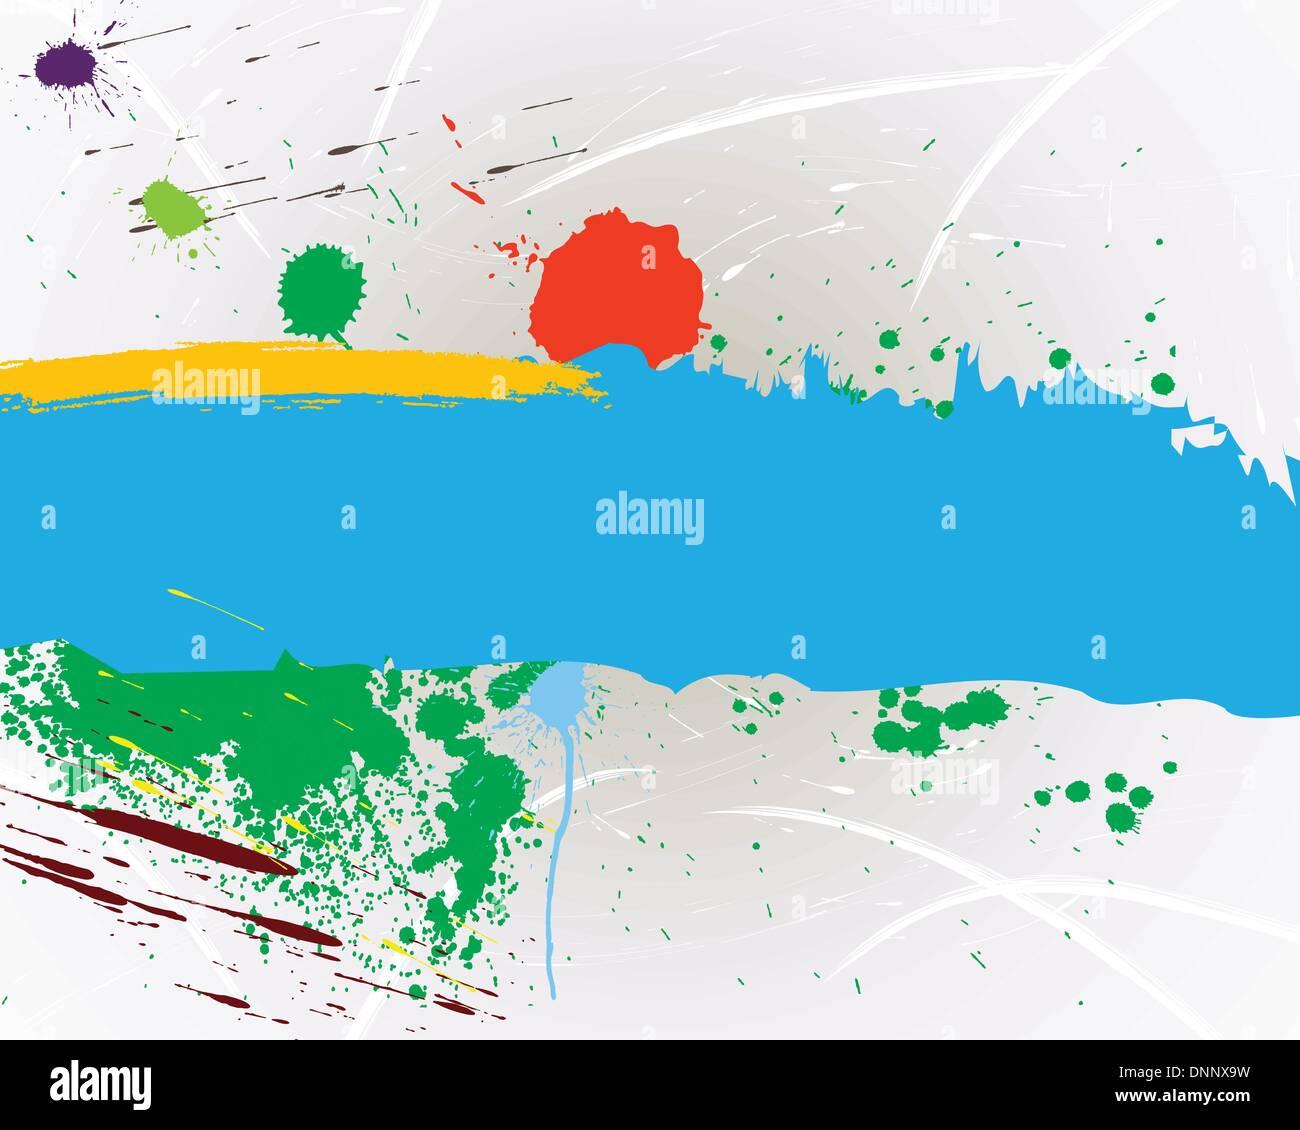 Abstract Grunge Vektor Hintergrund Design einsetzbar. Stockbild